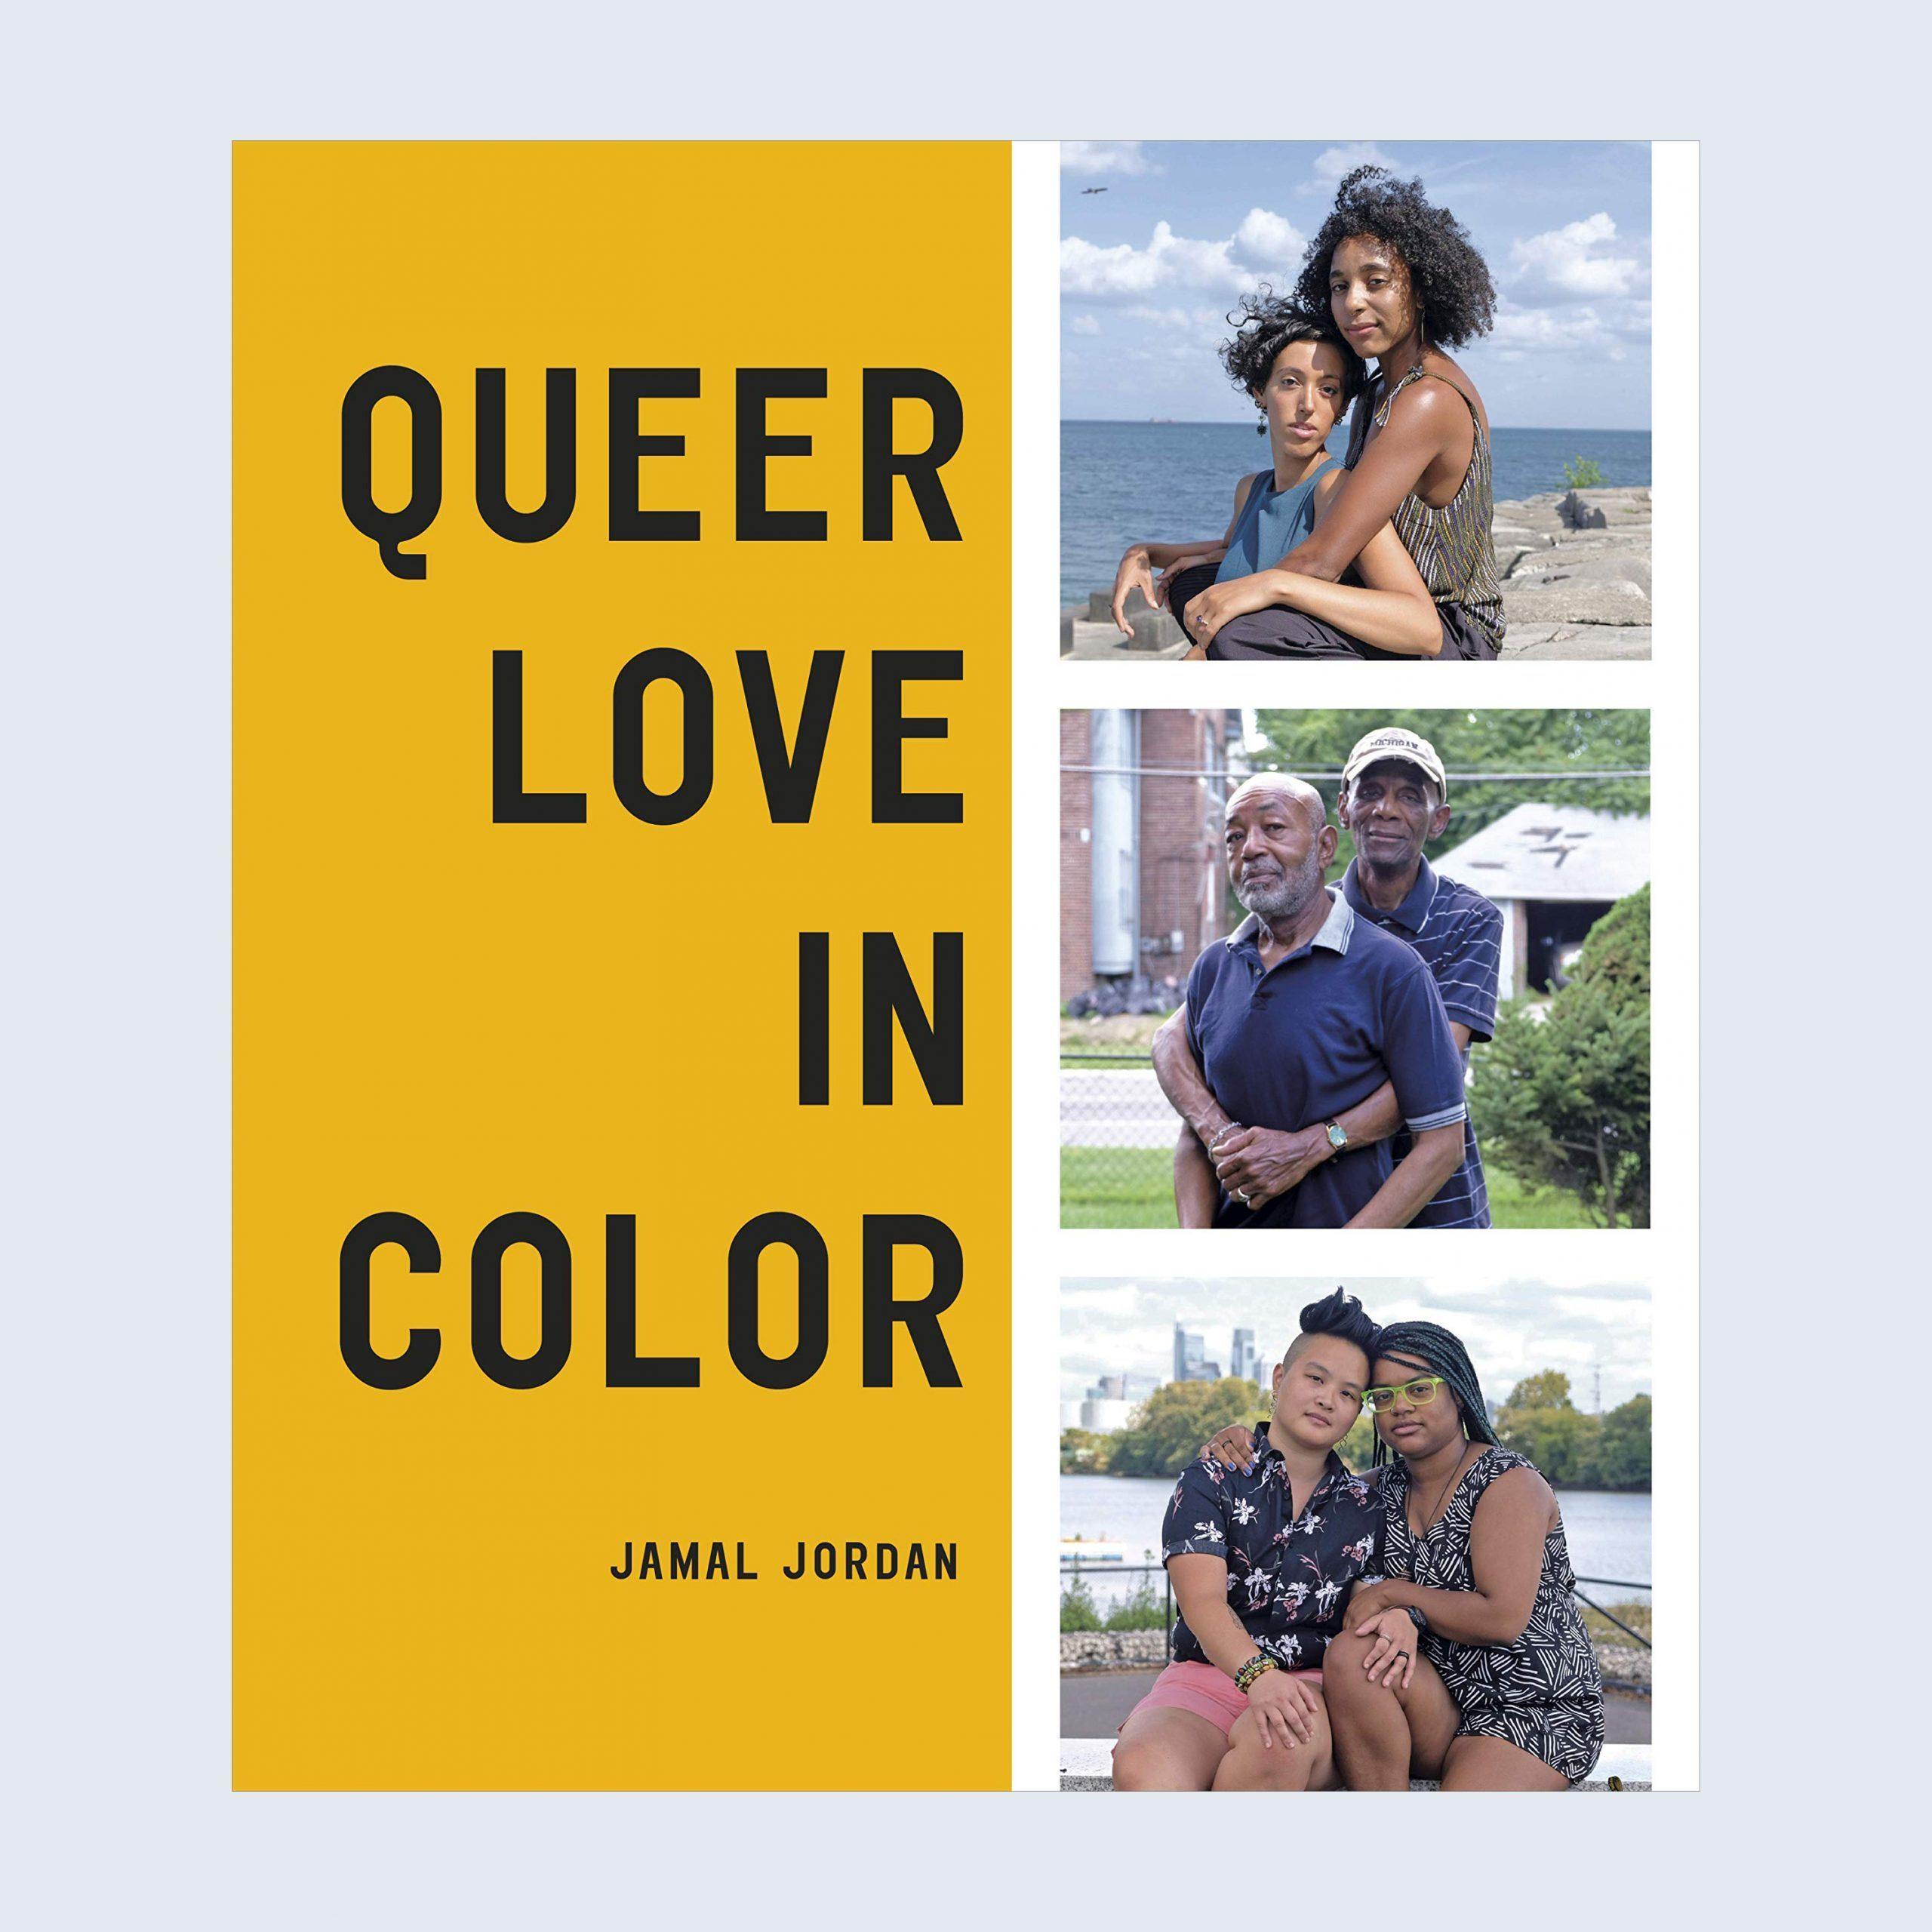 Queer Love In Color by Jamal Jordan